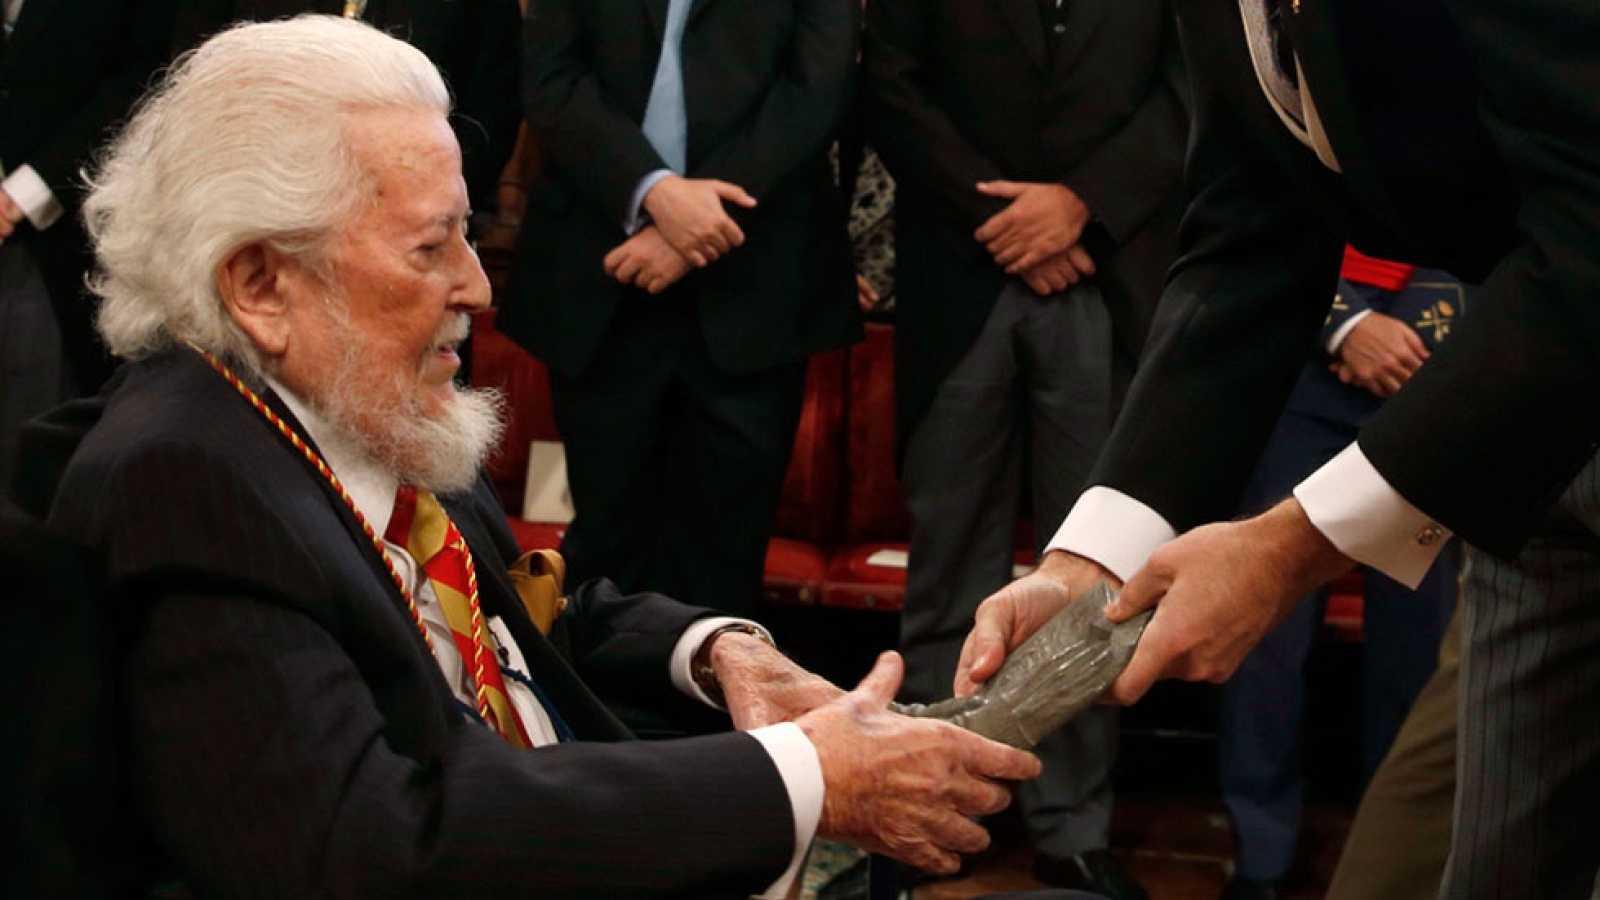 Fernando del Paso recibe el Premio Cervantes en la universidad de Alcalá